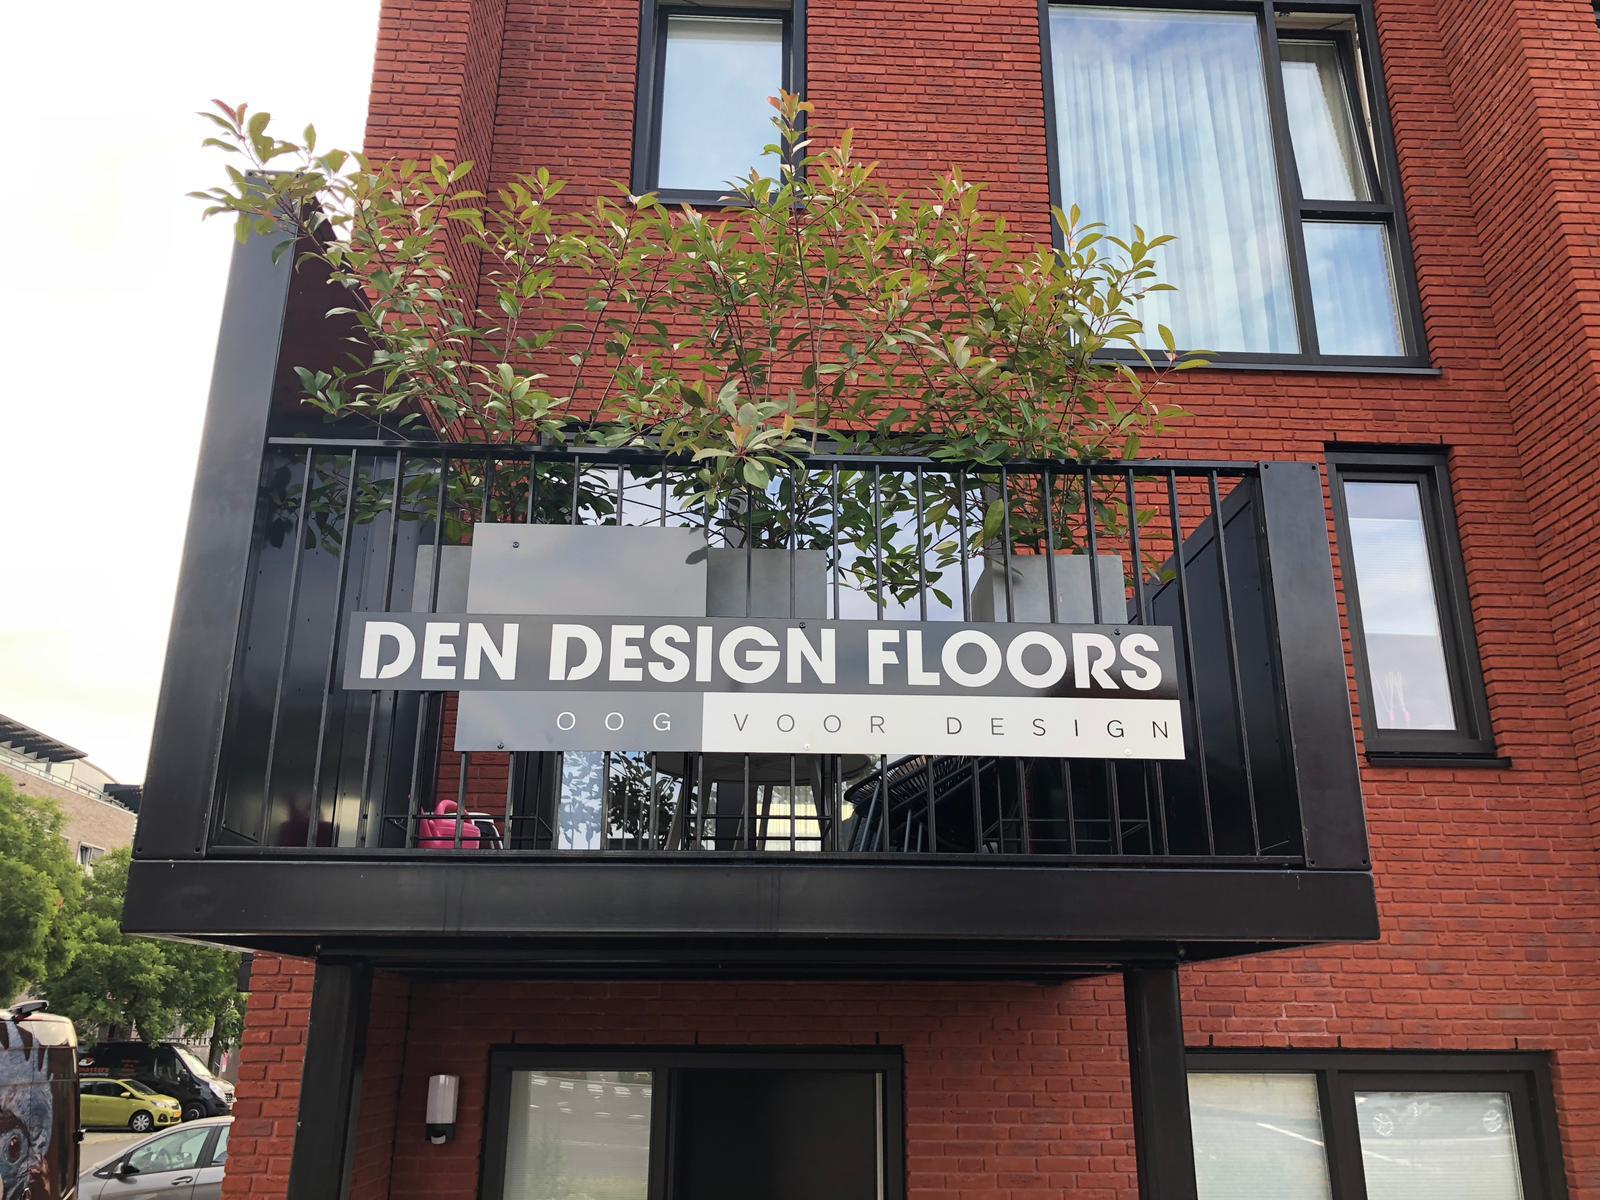 Den Design Floors